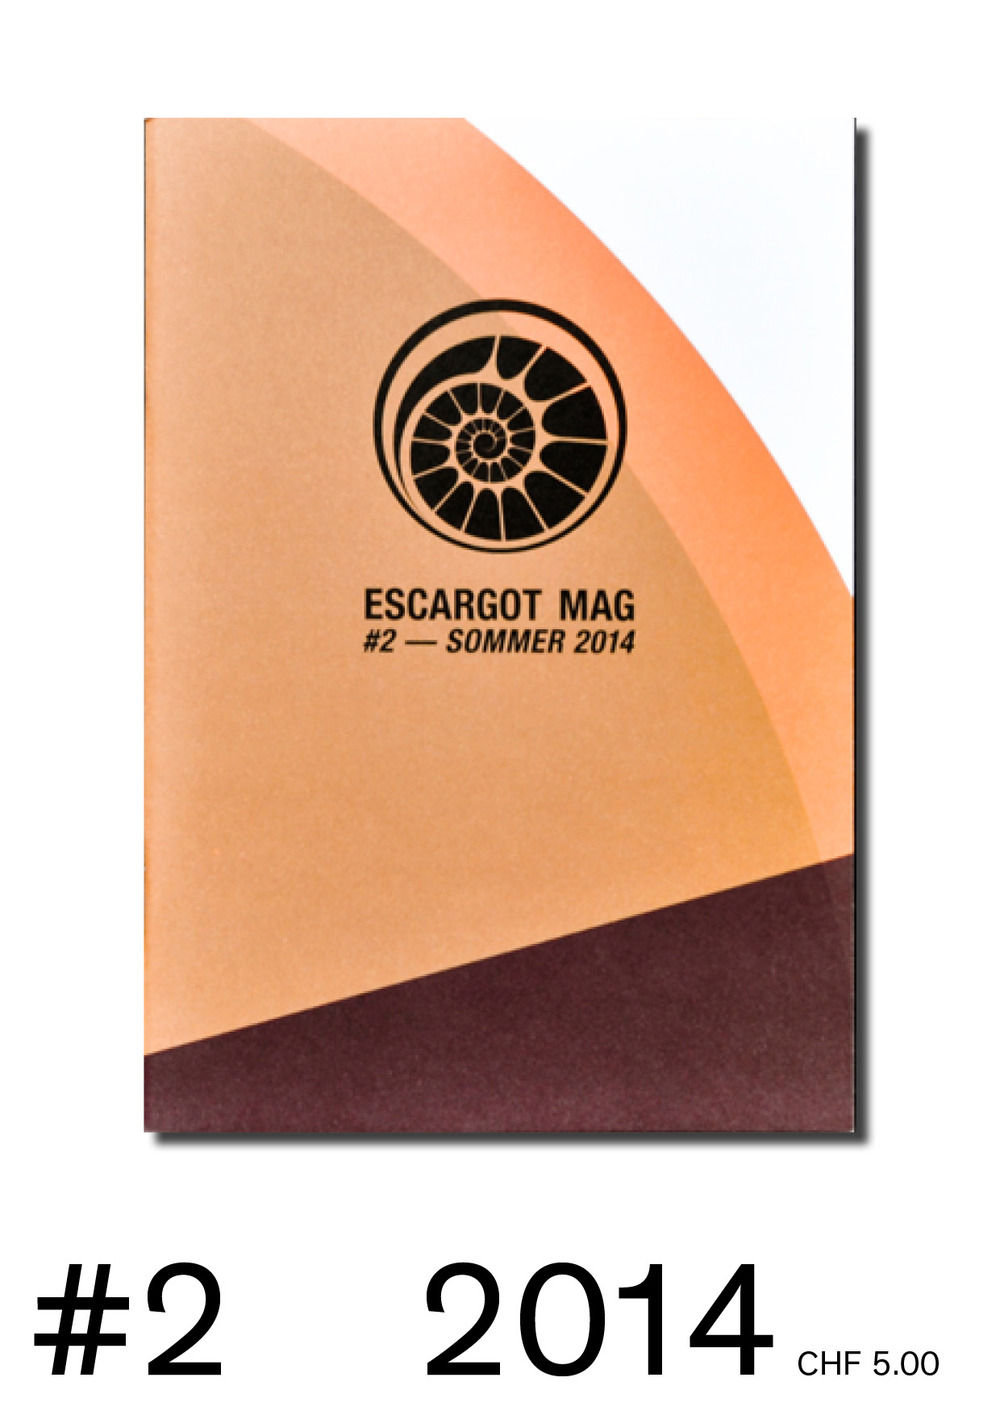 Escargot MAG #2 2014